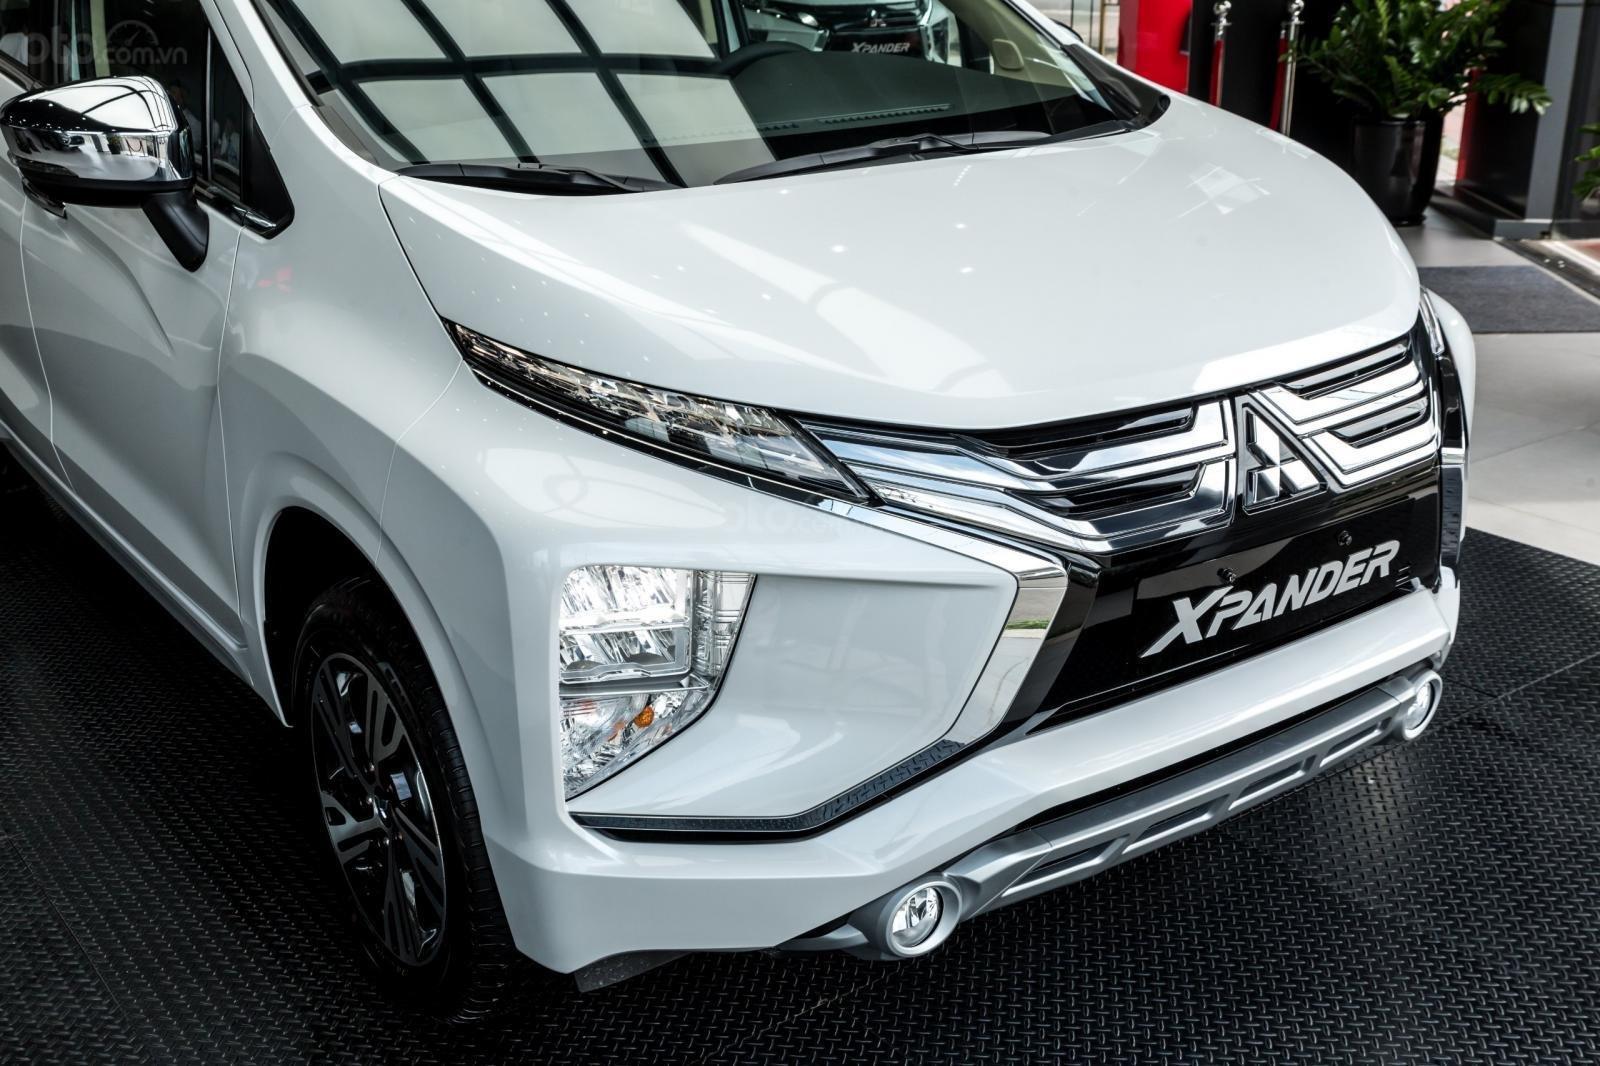 Mitsubishi Xpander 2020 - Giá cực tốt, hỗ trợ 50% thuế, tặng BHTV, lượng xe có hạn (2)